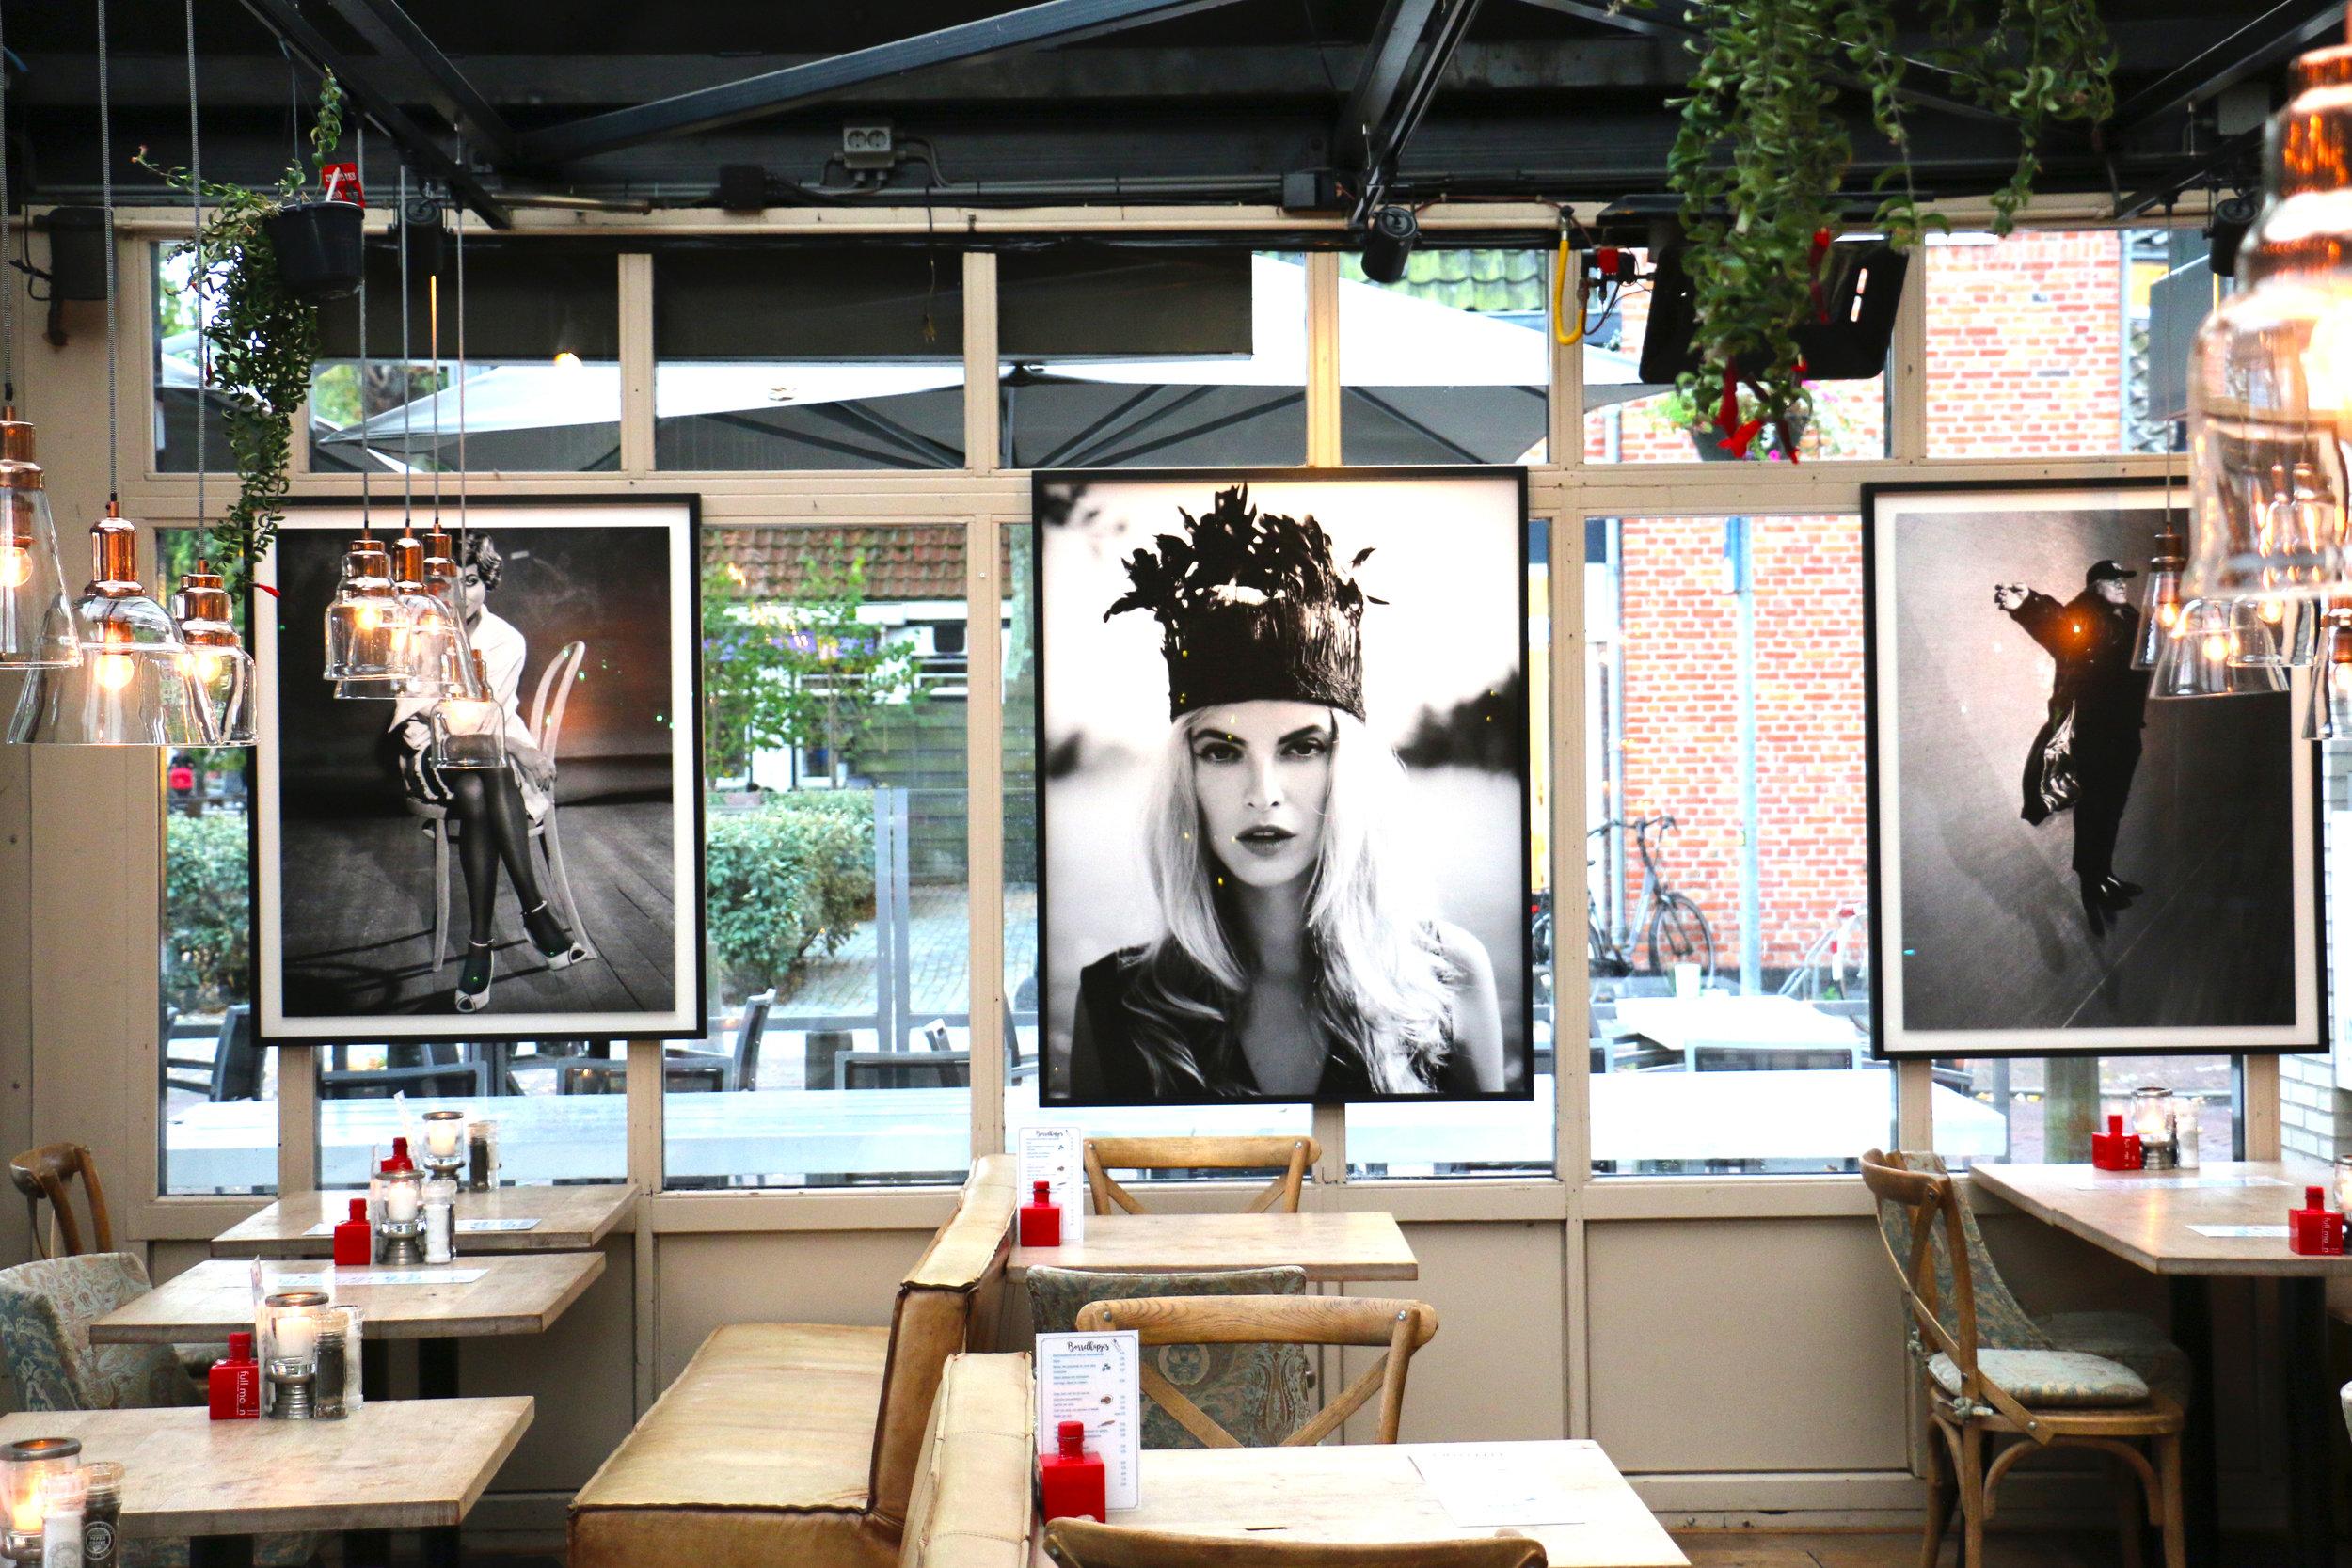 kunst10daagse beeld MAG.jpg